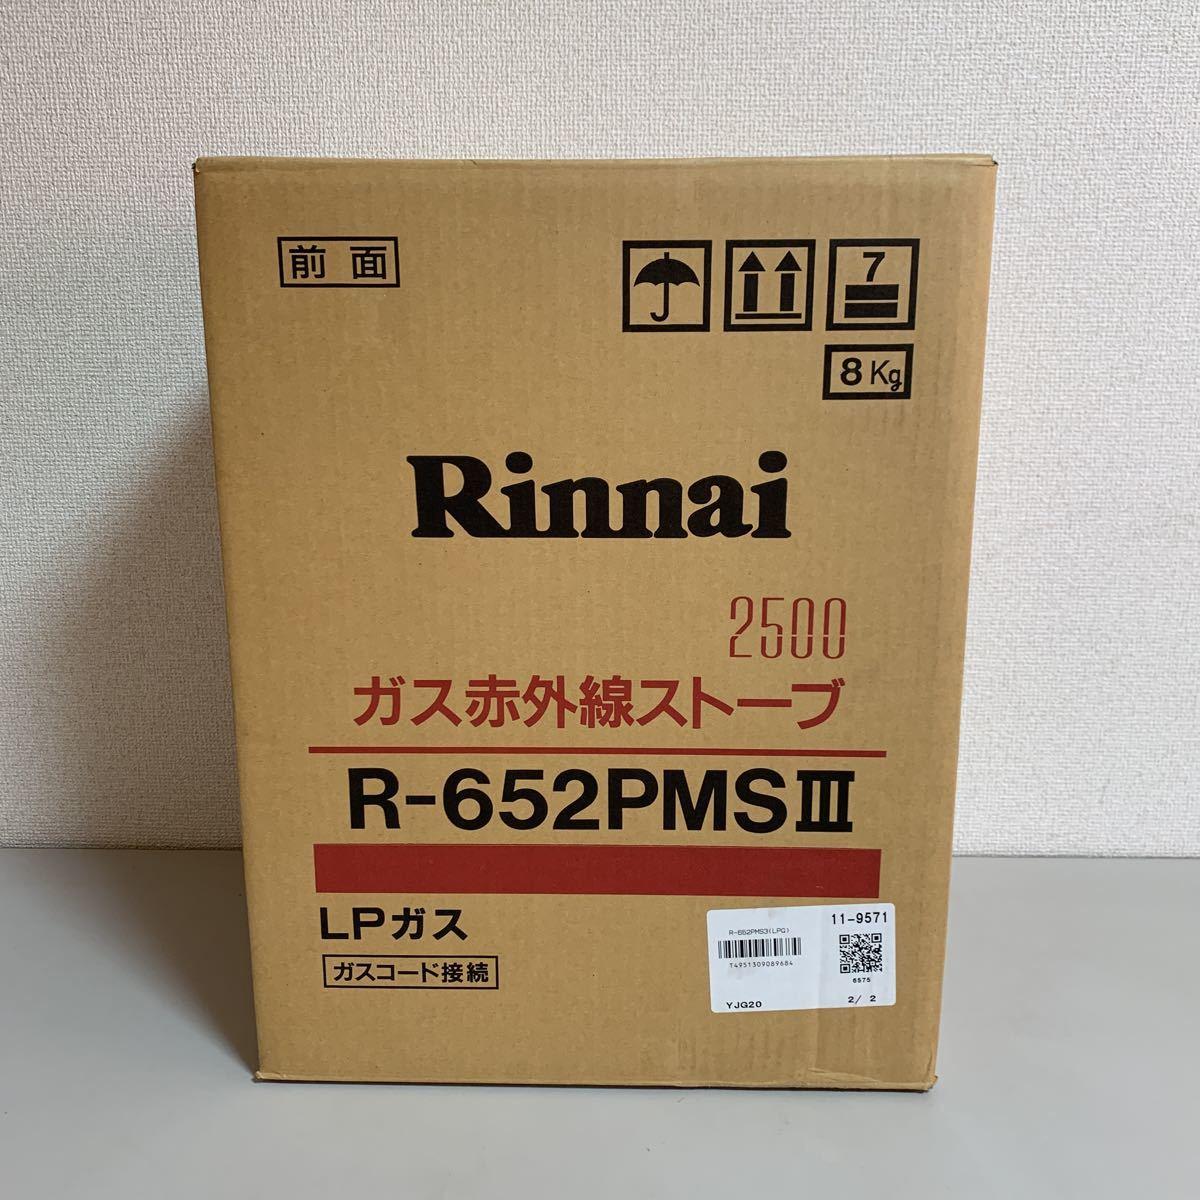 ★新古品 Rinnai ガス赤外線ストーブ R-652PMSⅢ ★